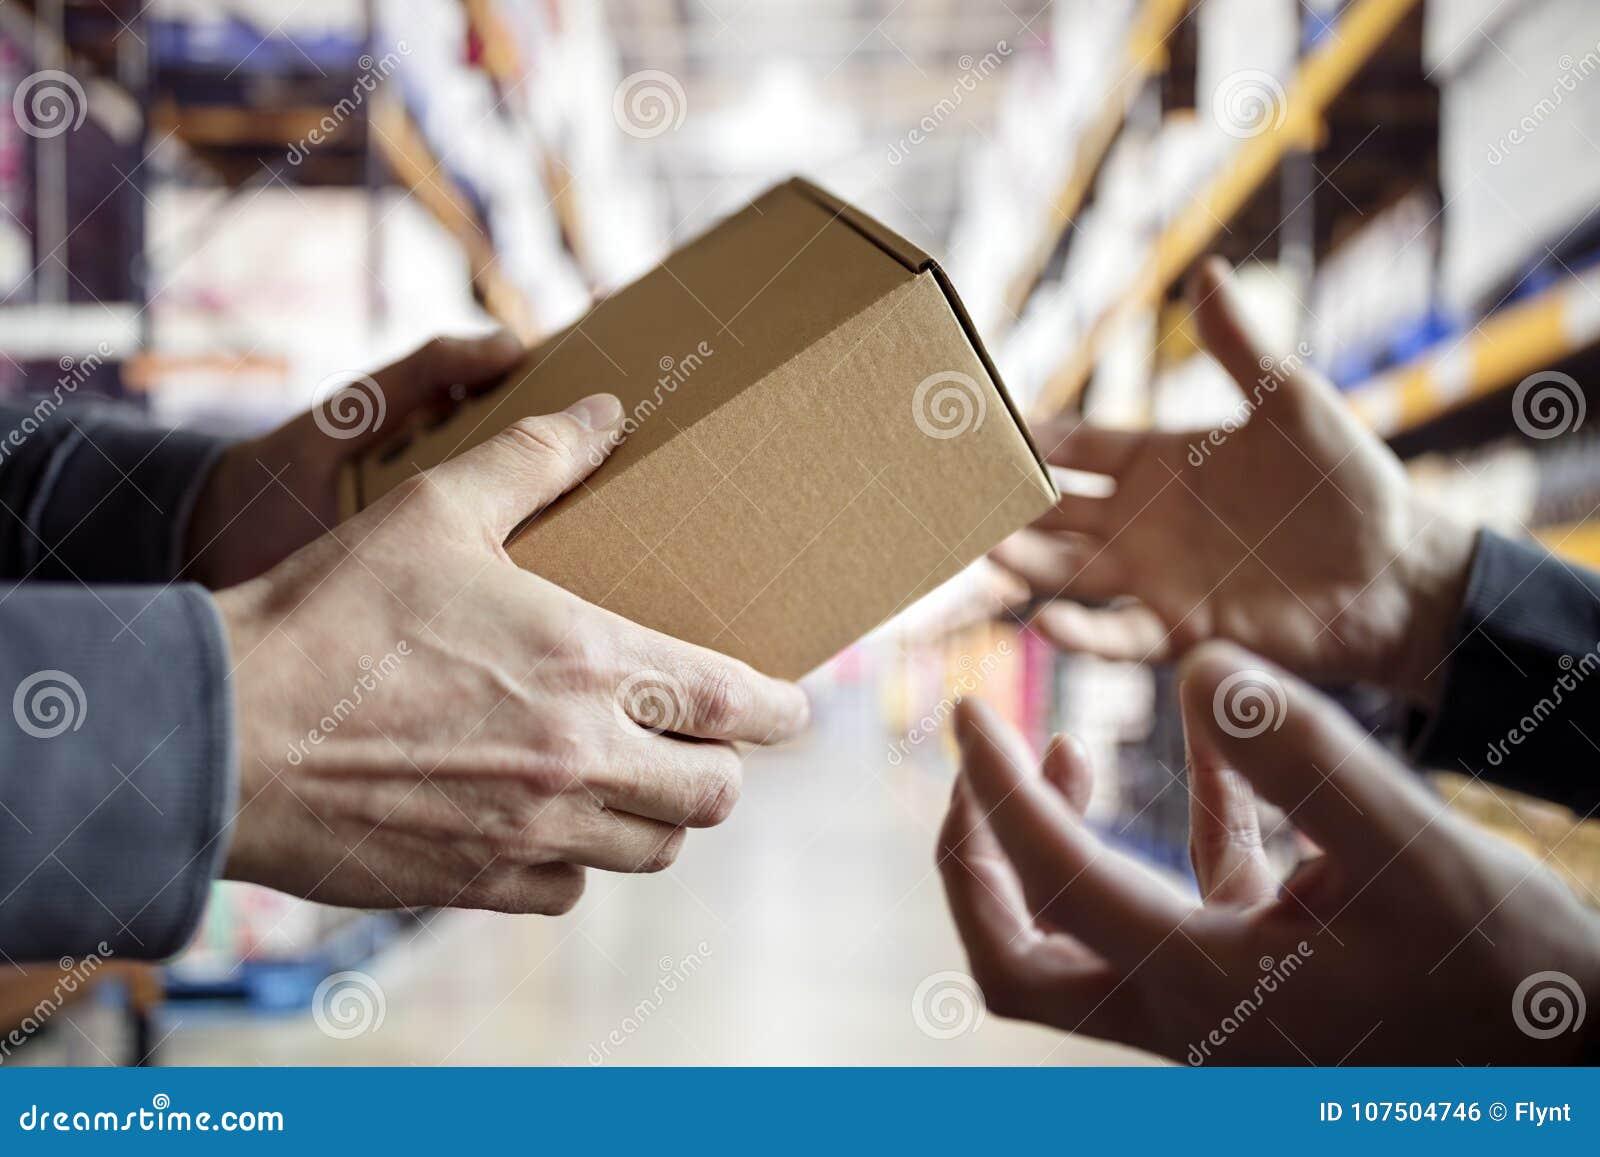 Работник с пакетом в складе распределения